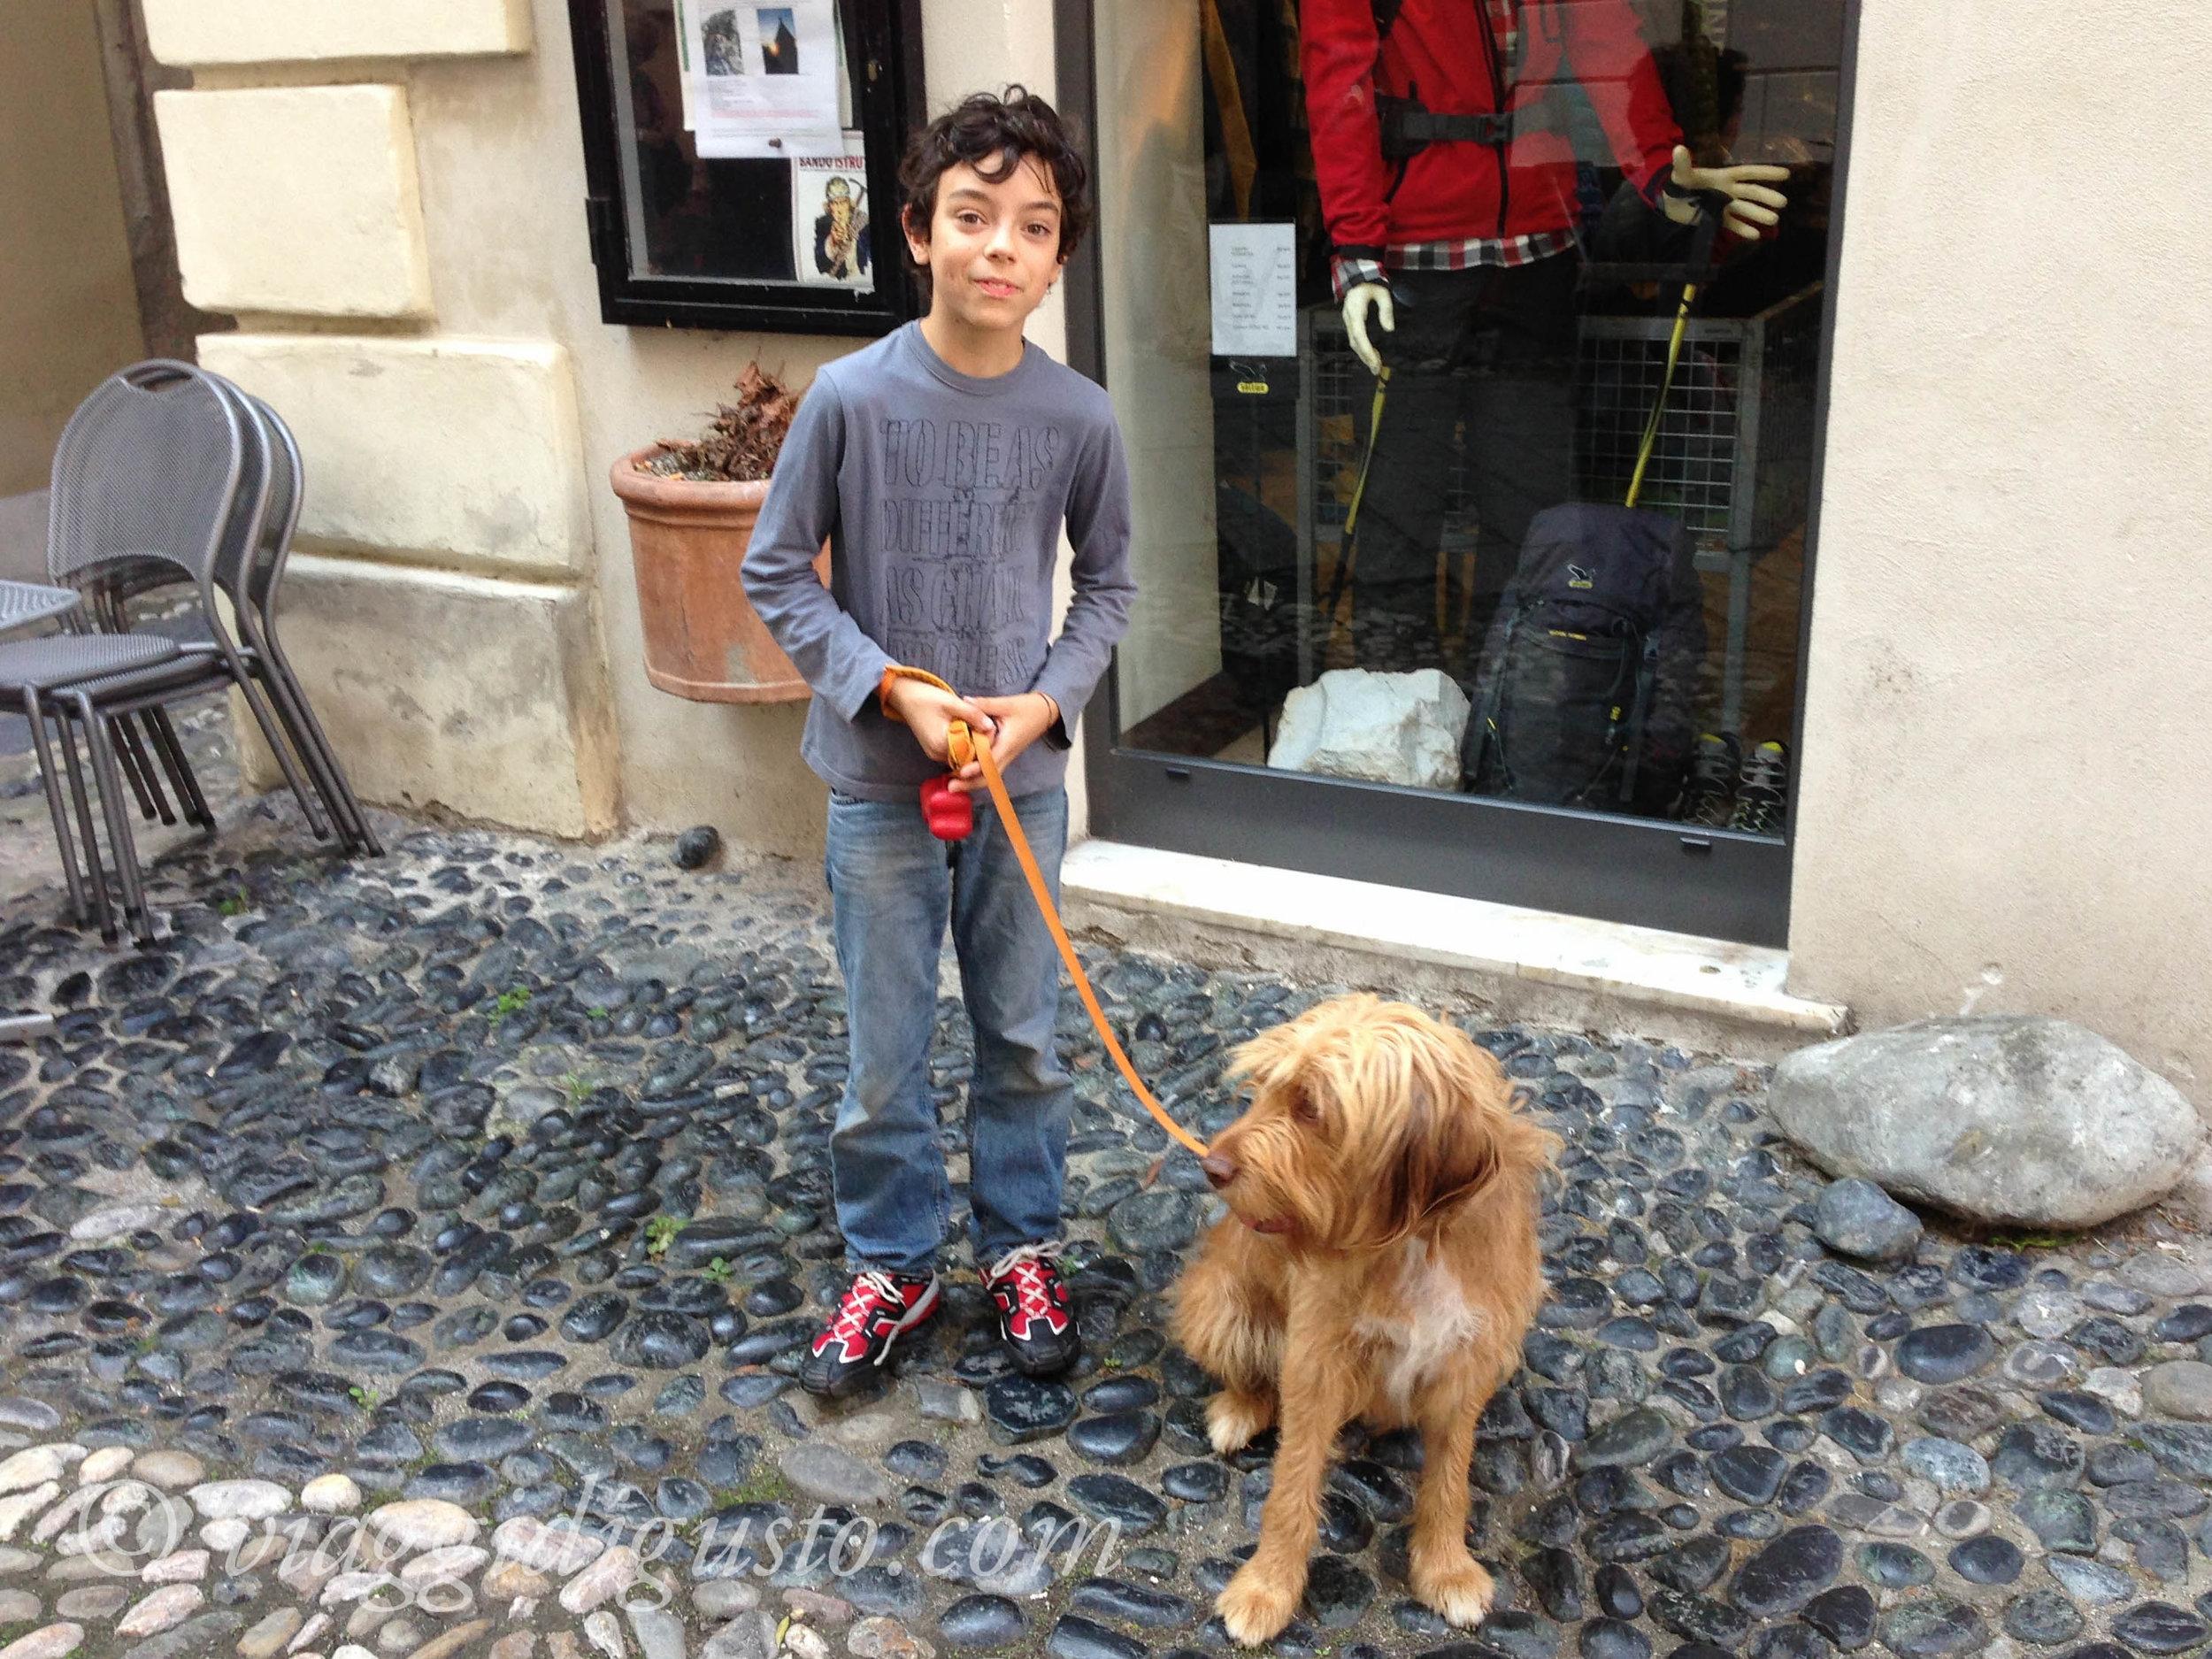 itlian boy with dog.jpg